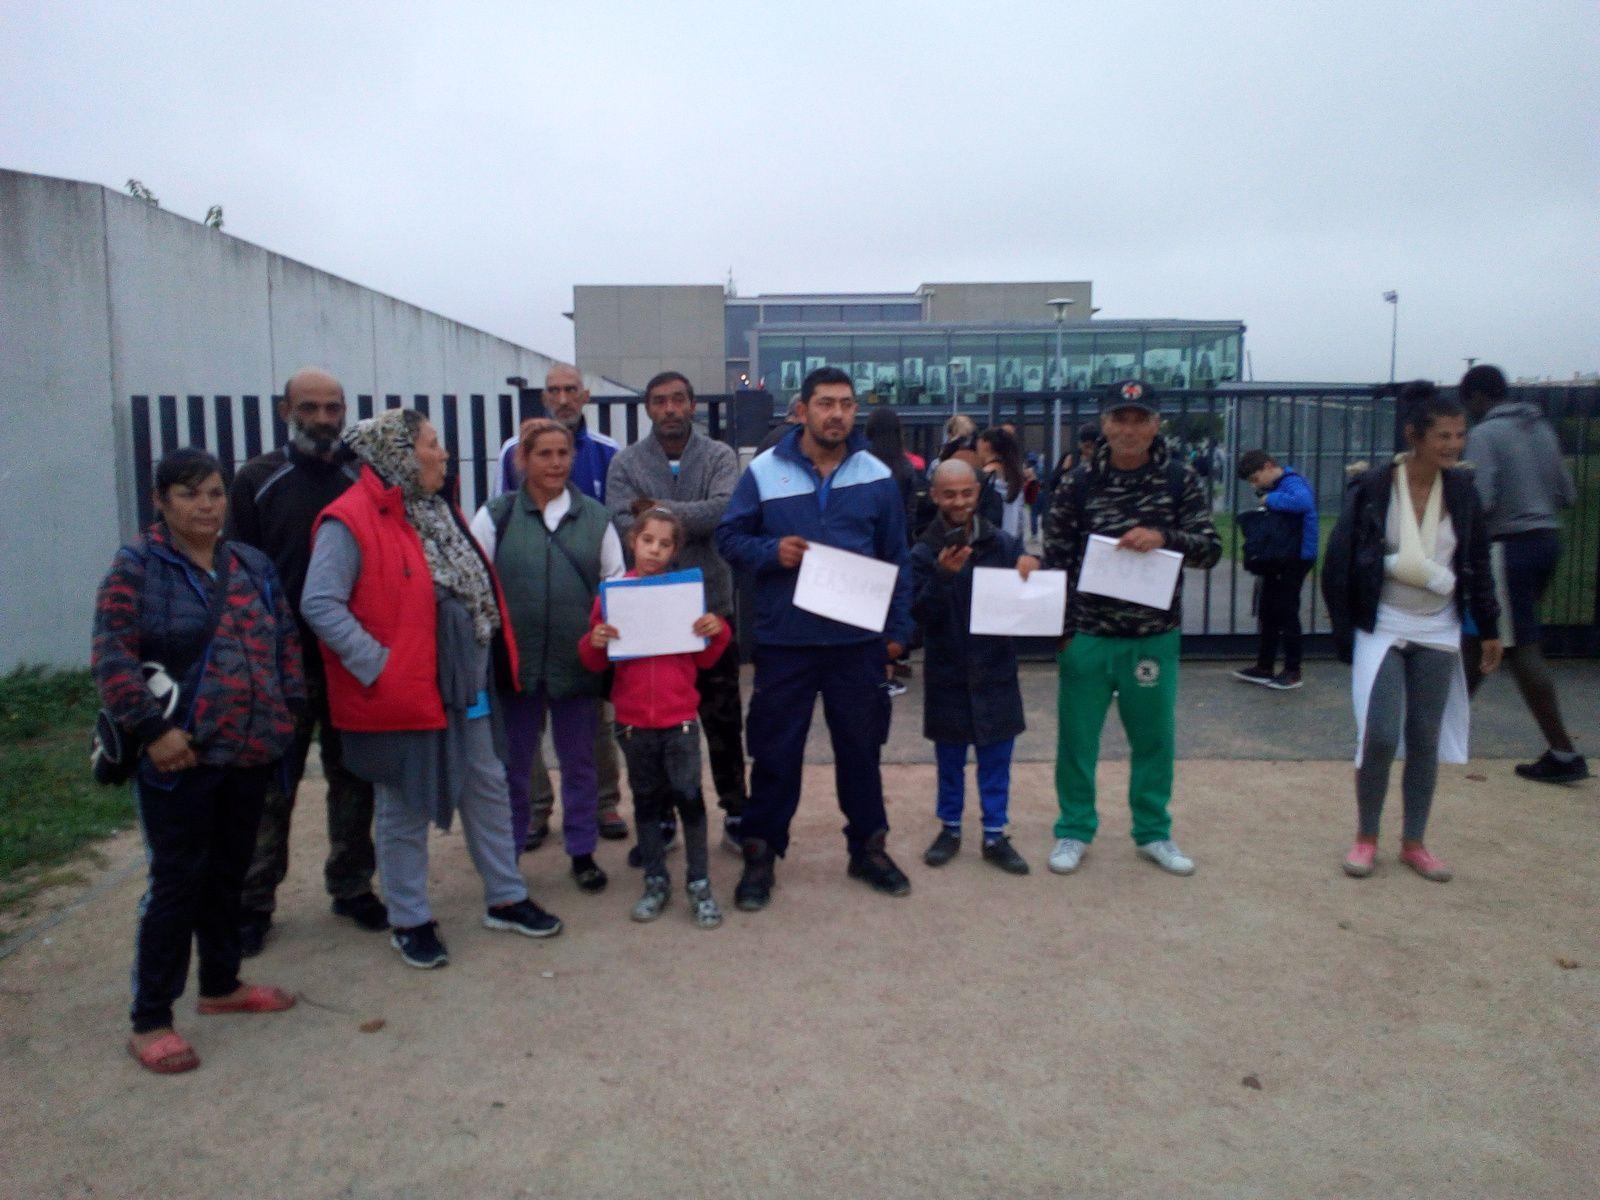 Dézingage d'un camp de Roms aux abords du Collège Toulouse-Lautrec : Circulez, y a rien à voir !